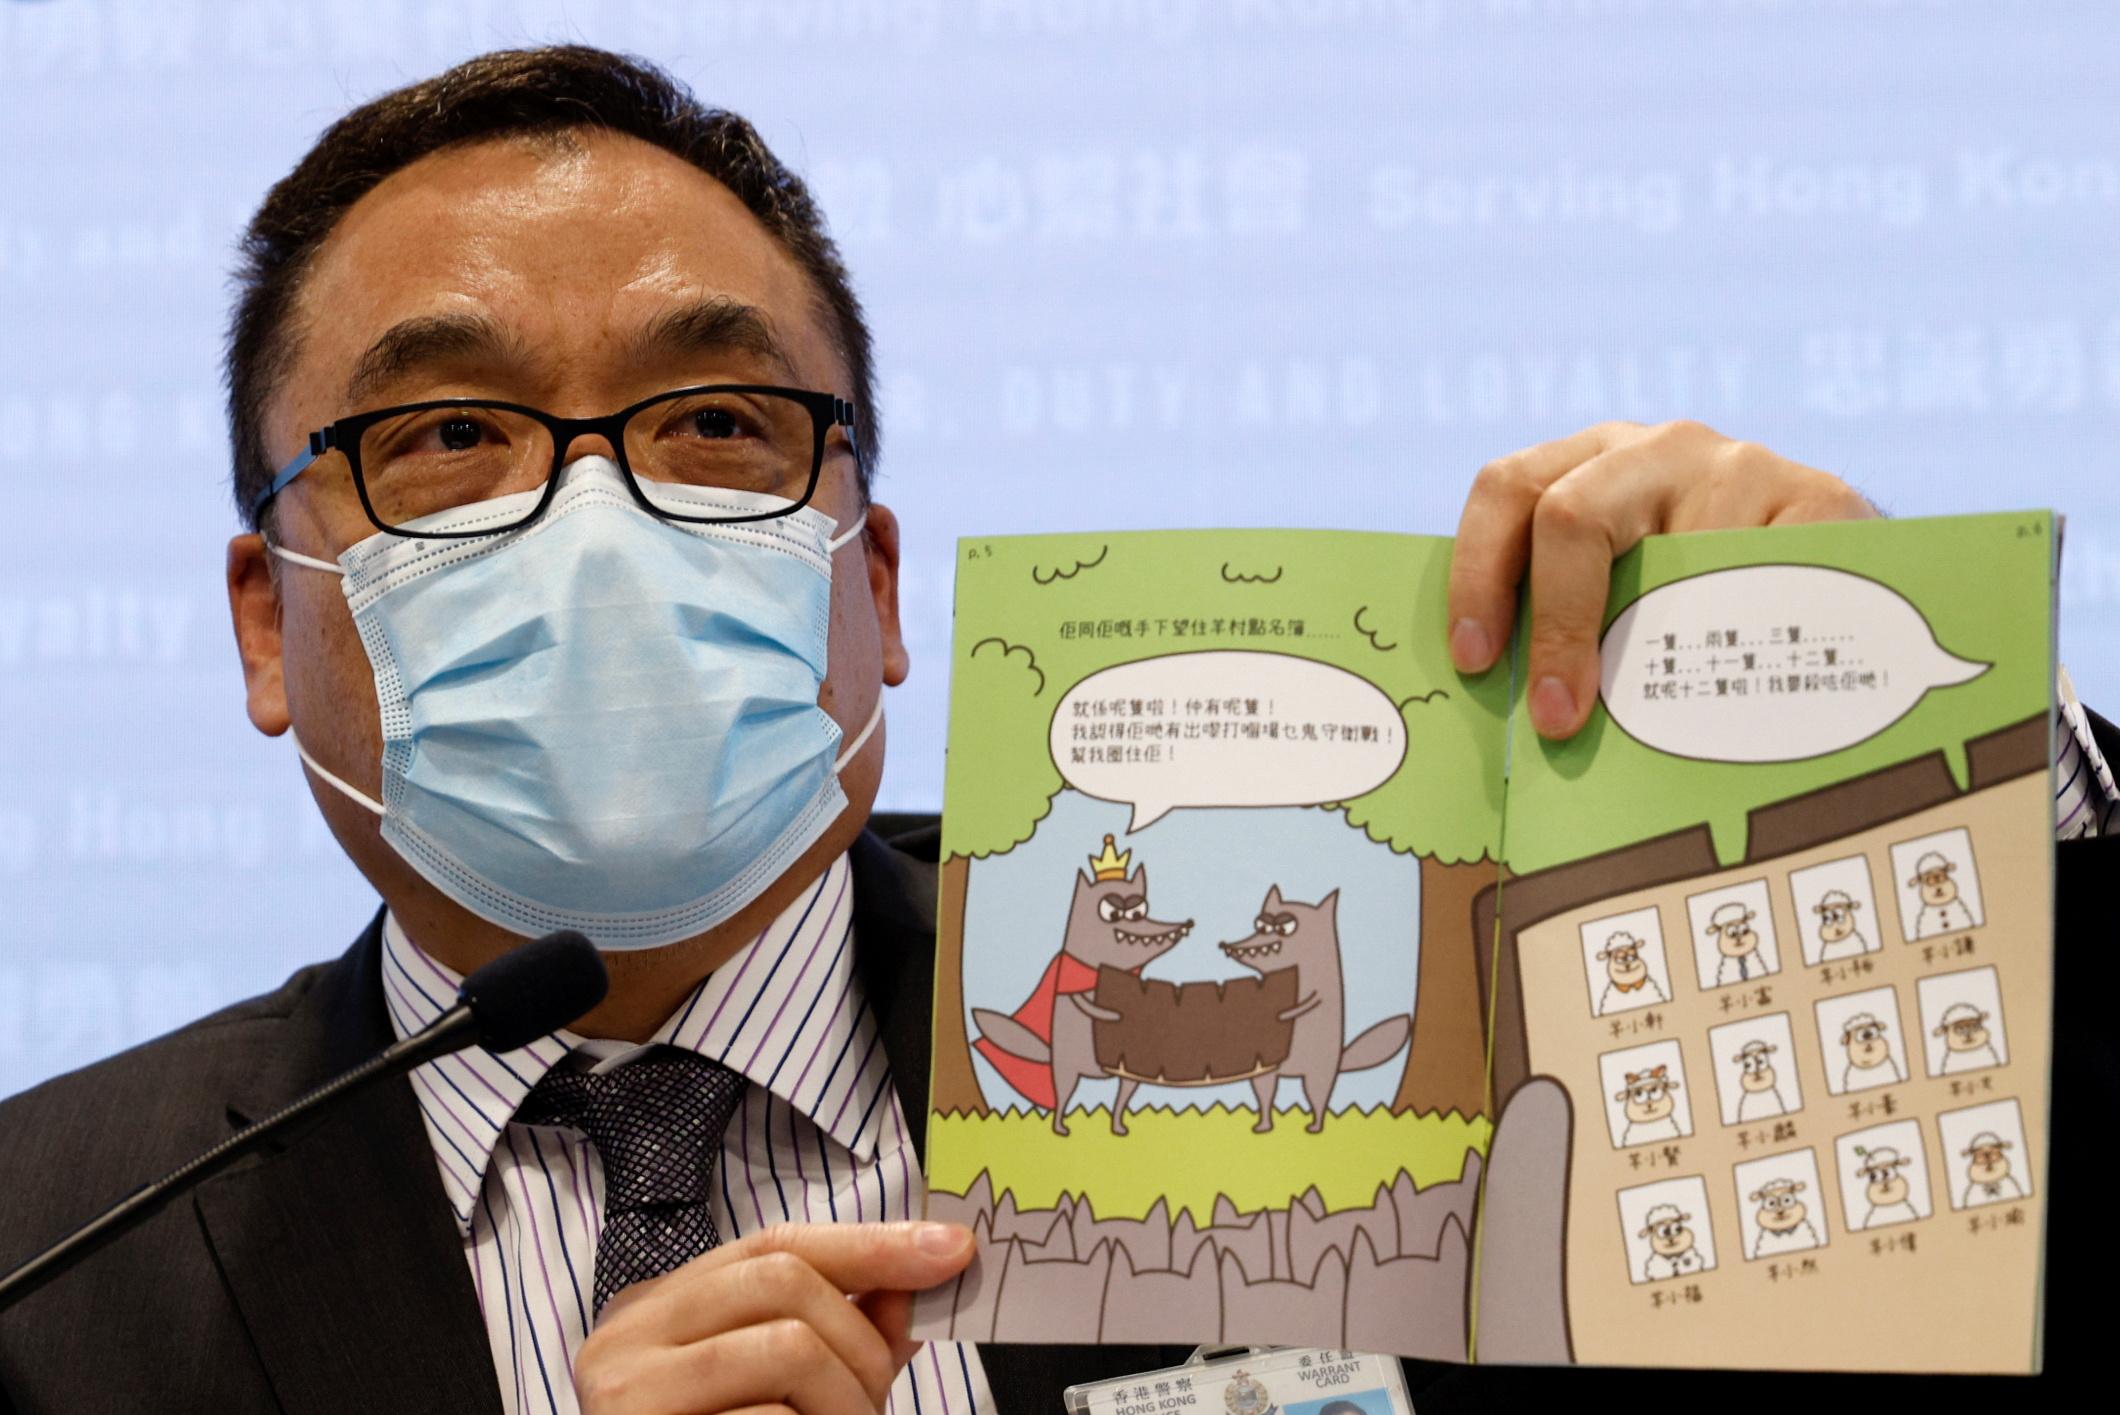 Χονγκ Κονγκ: Συνελήφθησαν δημιουργοί παιδικών βιβλίων για «ανταρσία» επειδή είχαν ήρωες… λύκους και πρόβατα